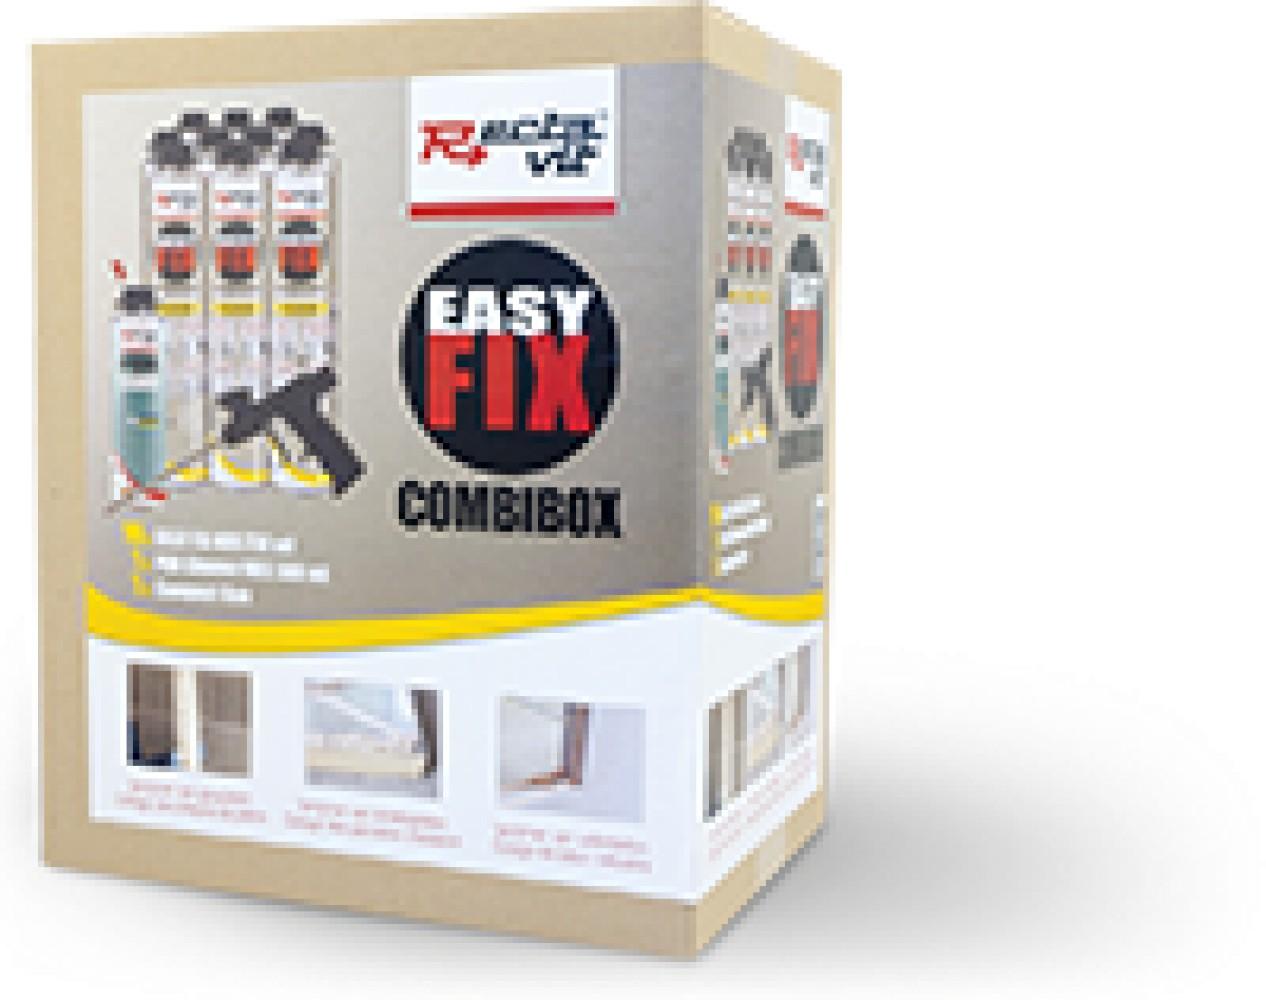 EASY FIX COMBOBOX